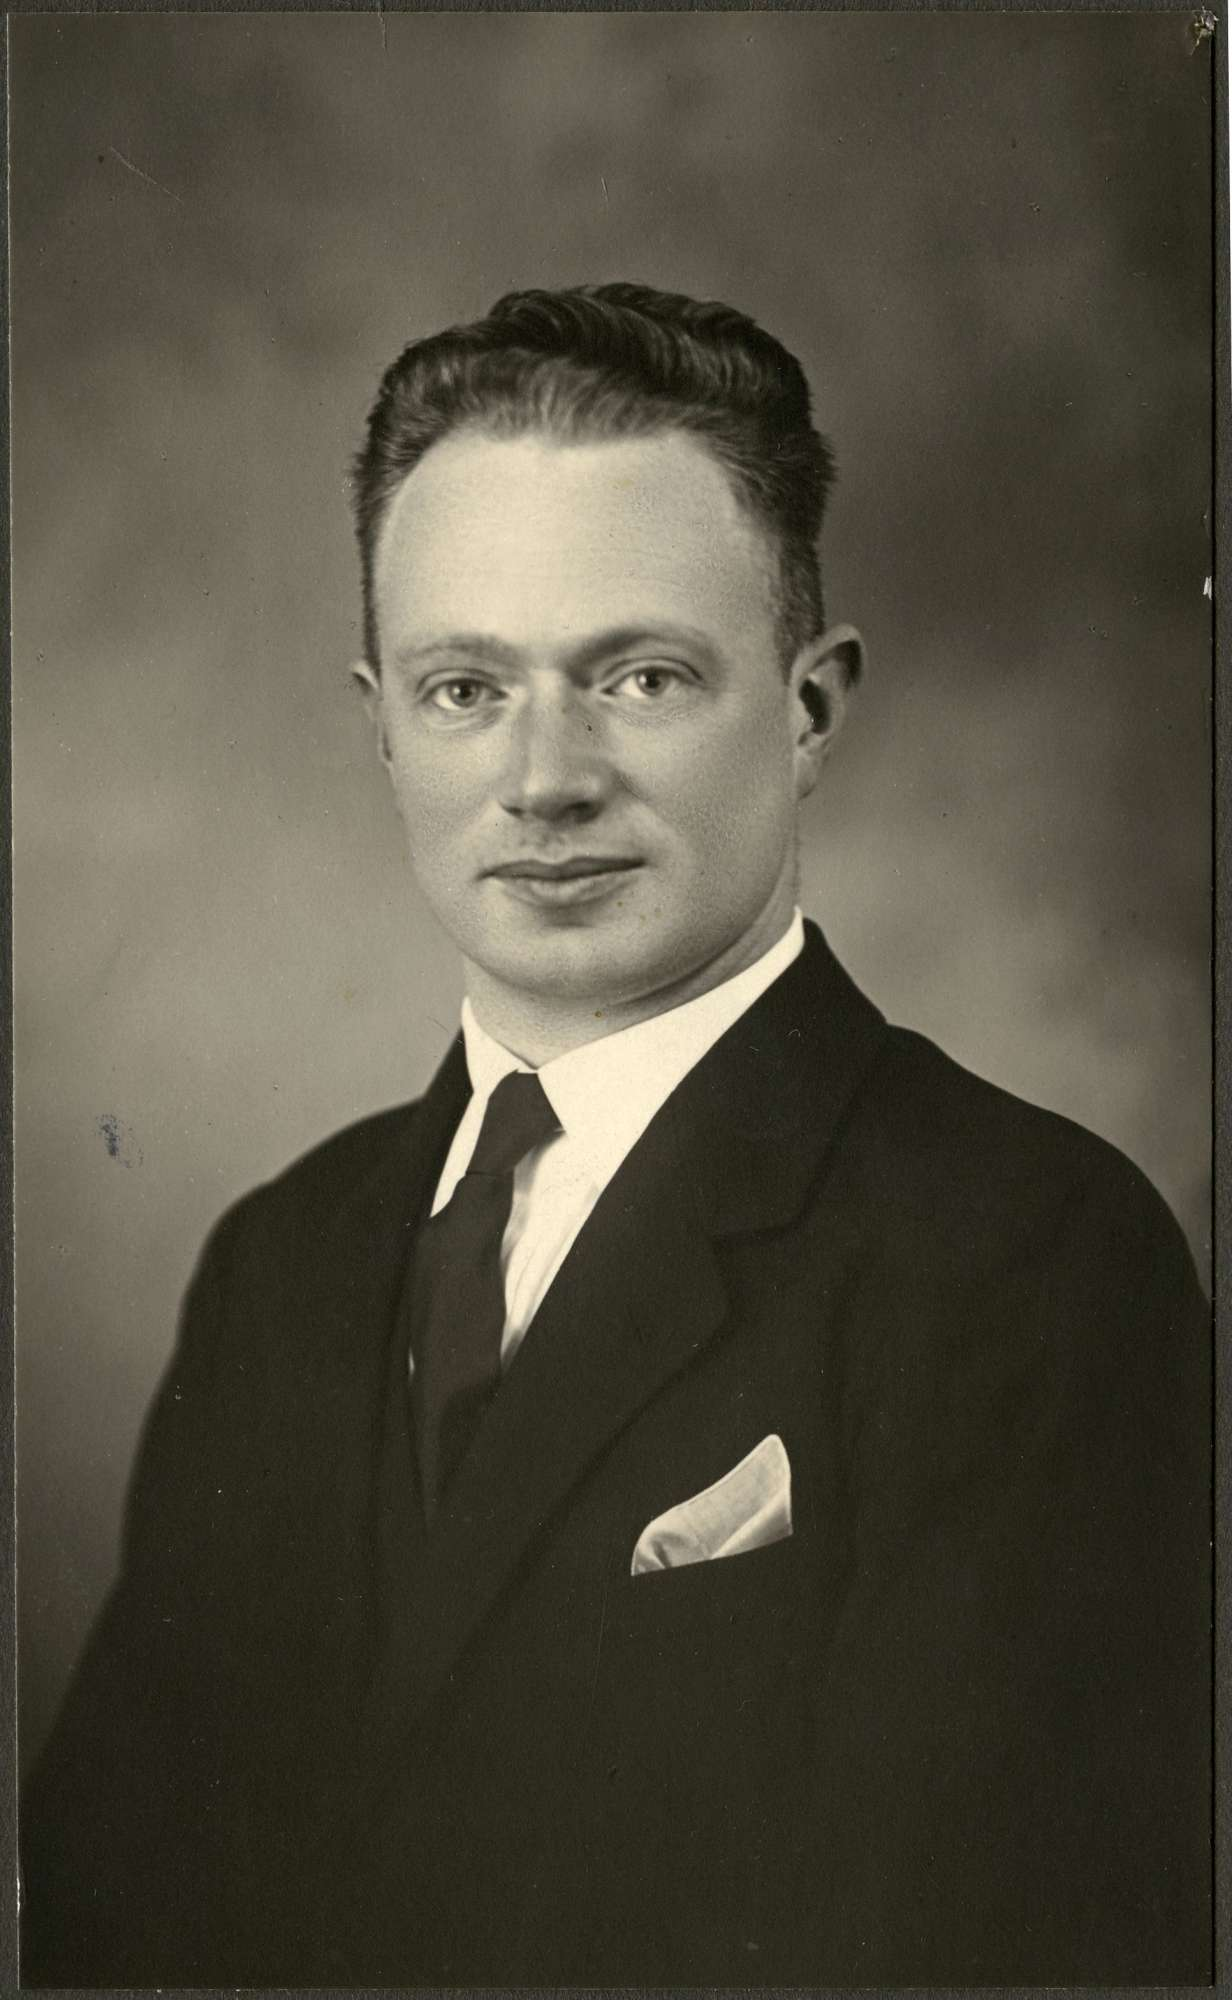 Stufft, Richard, Bild 1